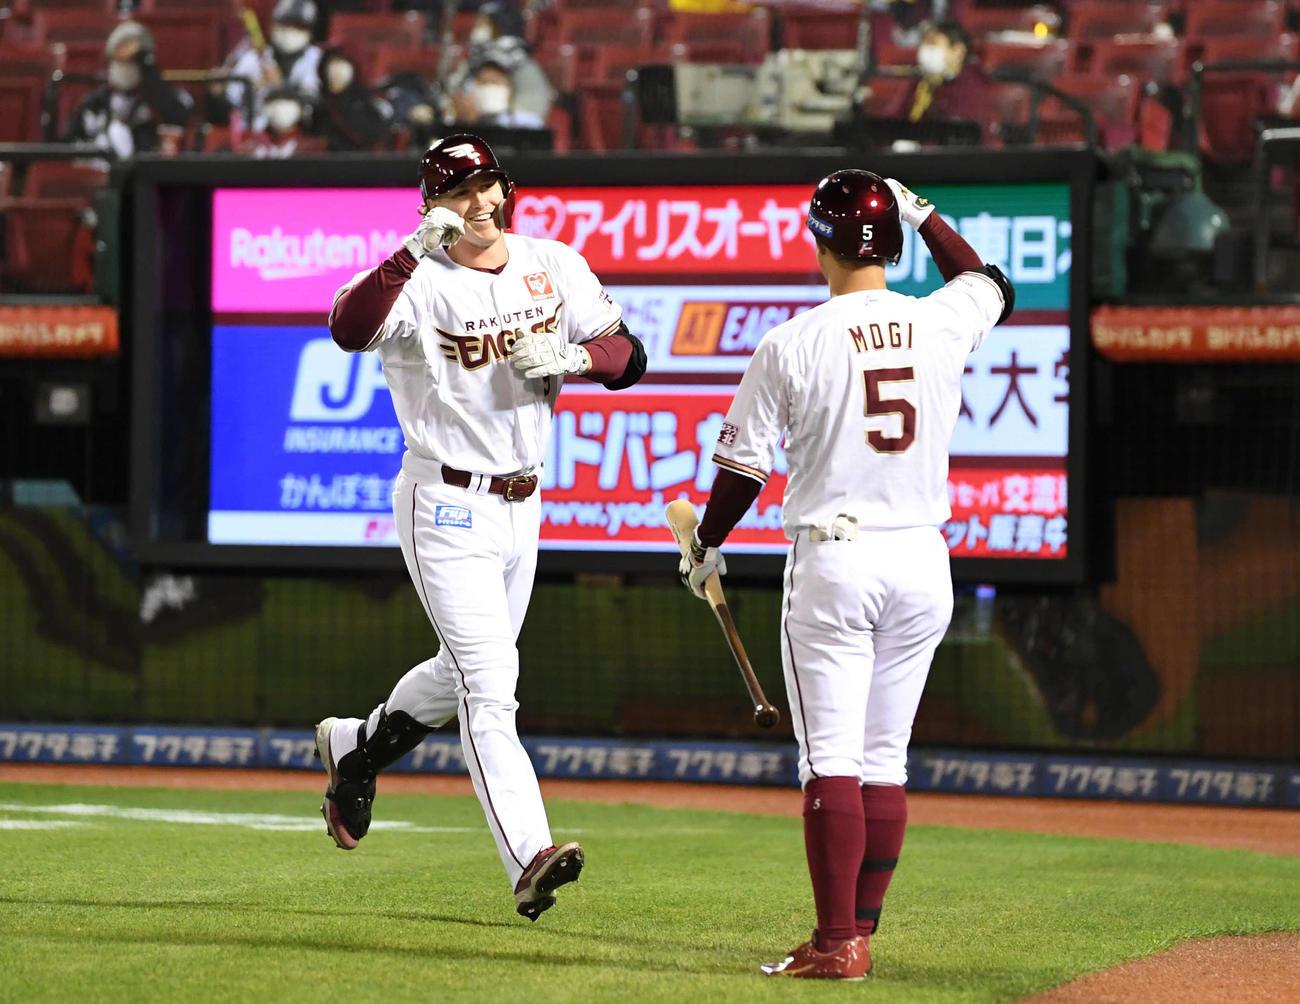 楽天対西武 4回裏楽天1死、ソロ本塁打を放ったディクソン(左)は笑顔でガッツポーズ(撮影・山崎安昭)